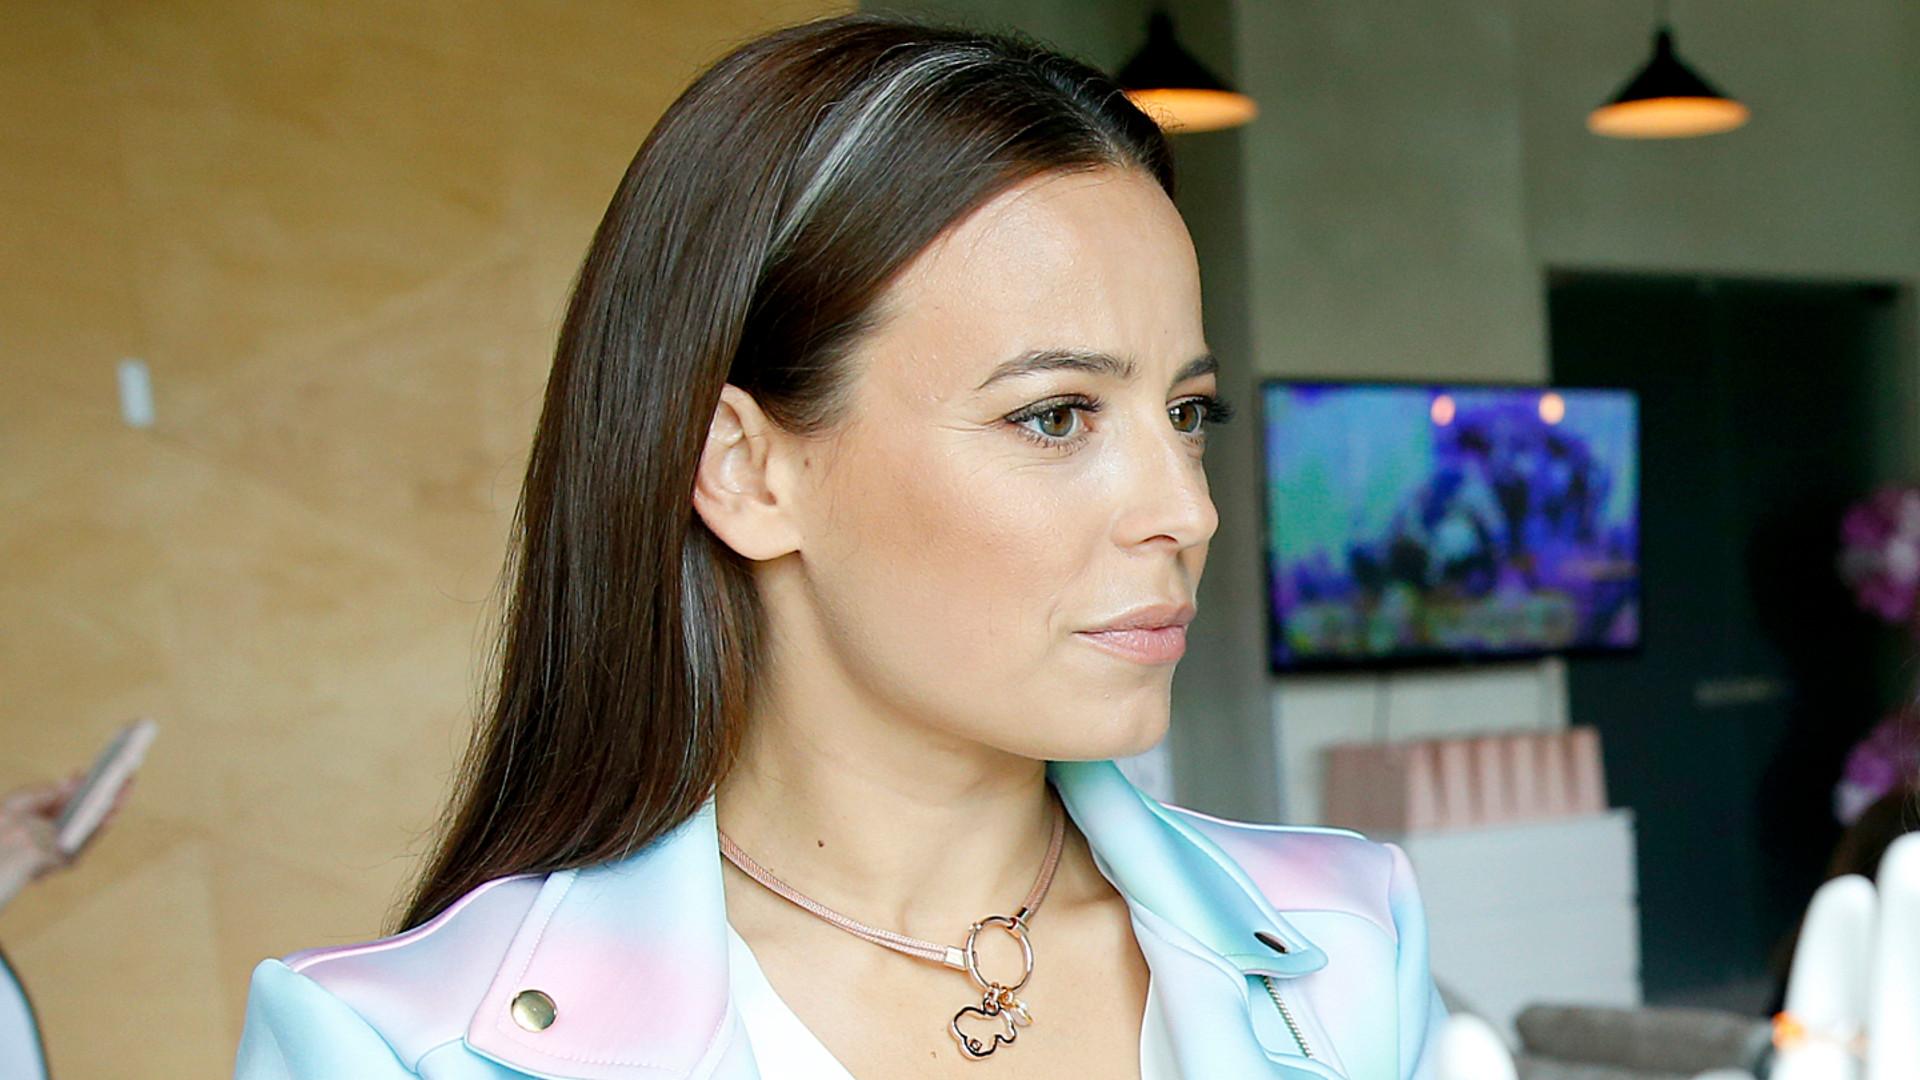 Anna Mucha z siwym pasem włosów.